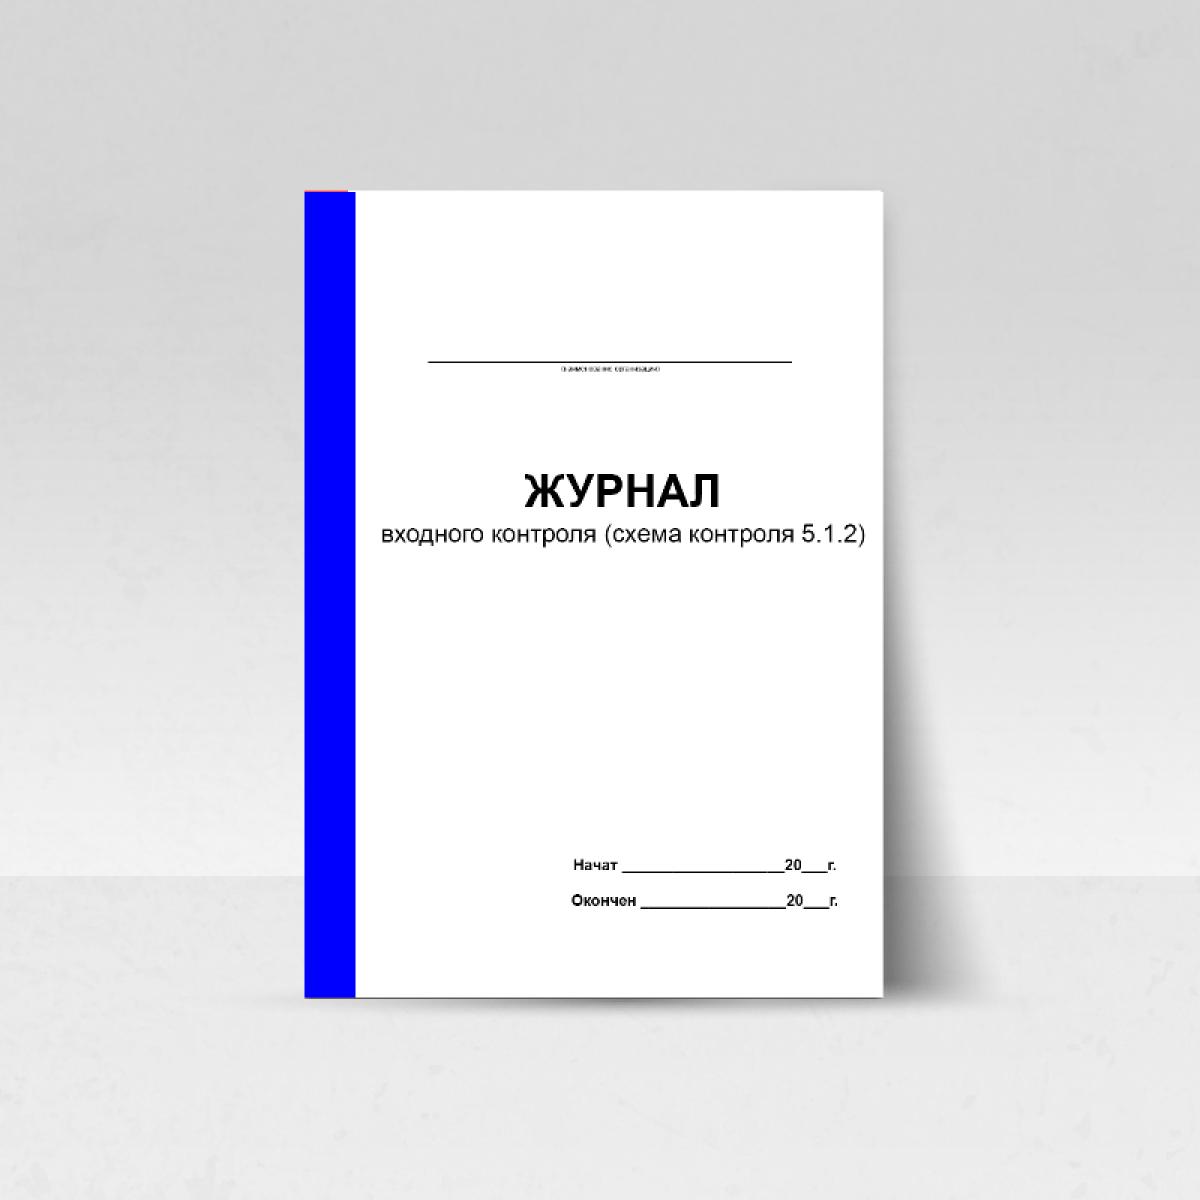 153. Журнал входного контроля (схема контроля 5.1.2)